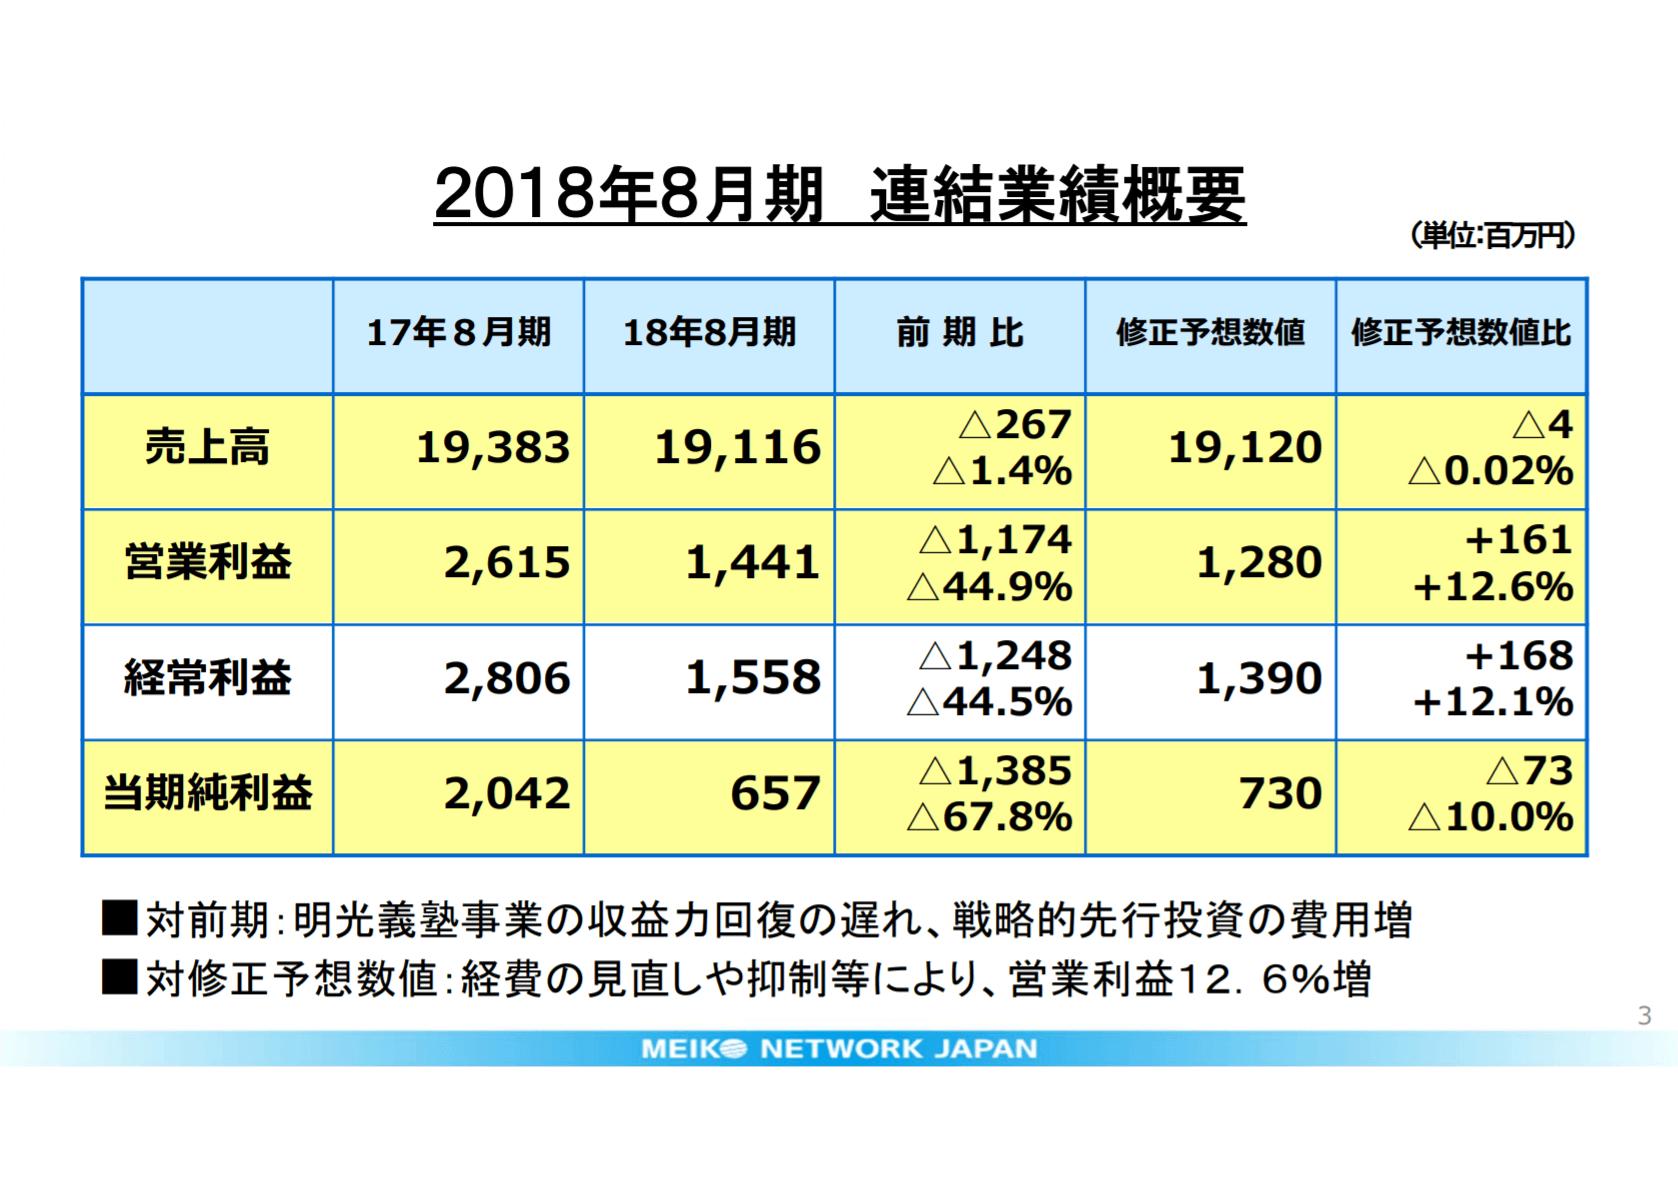 明光ネットワークジャパンの2018年8月期連結業績概要